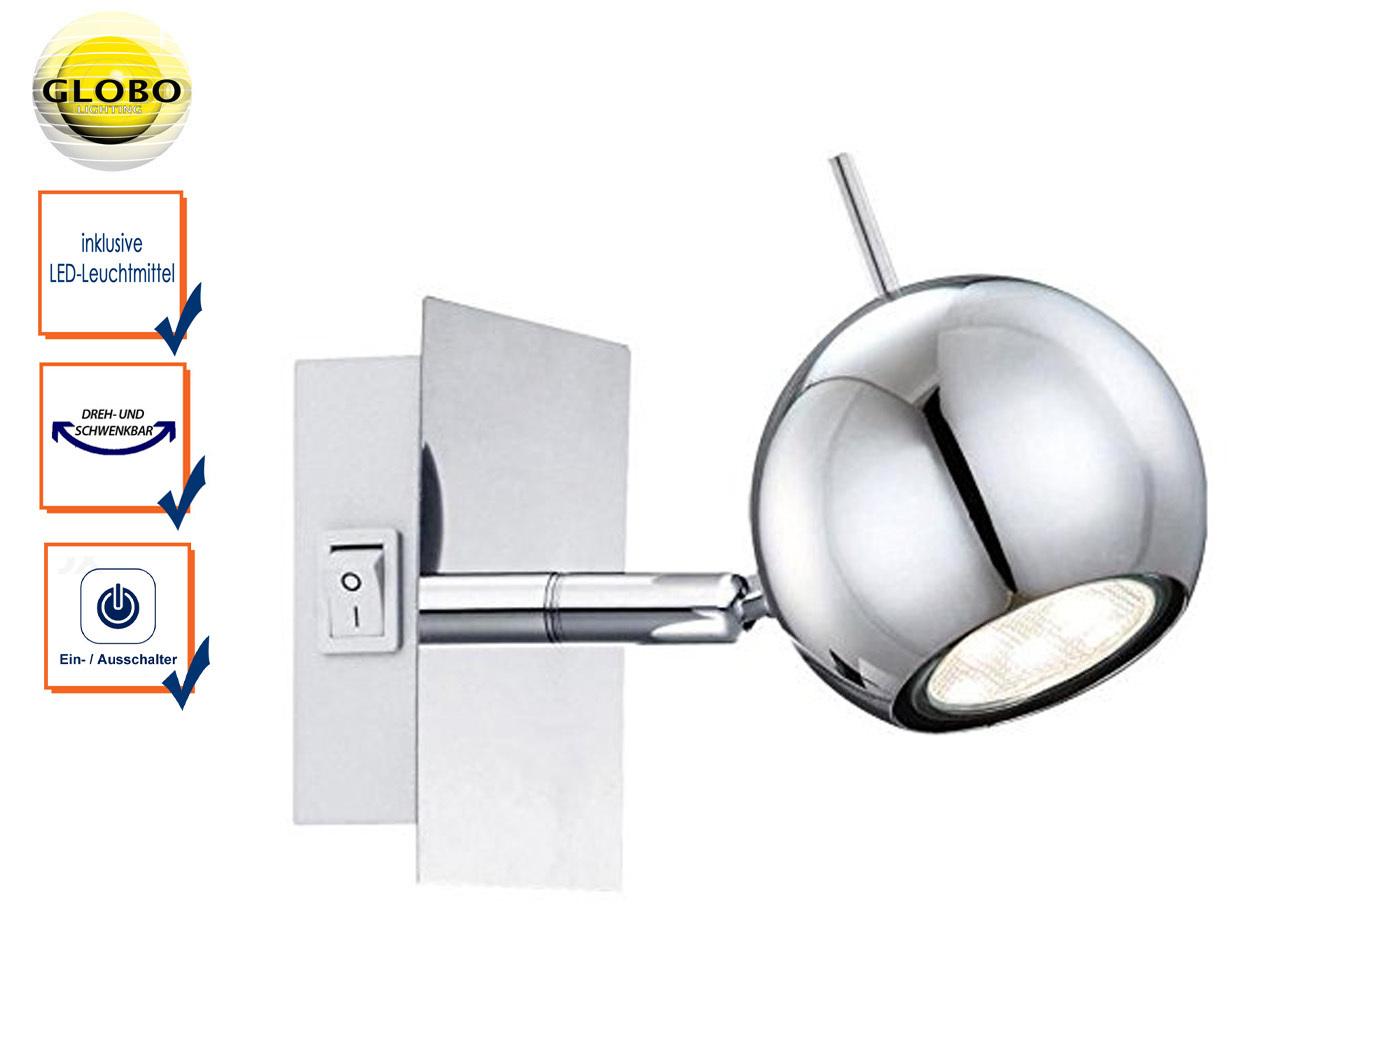 Globo Retro Wandstrahler Chrom, LED Wandspot mit Schalter, Leselampe schwenkbar